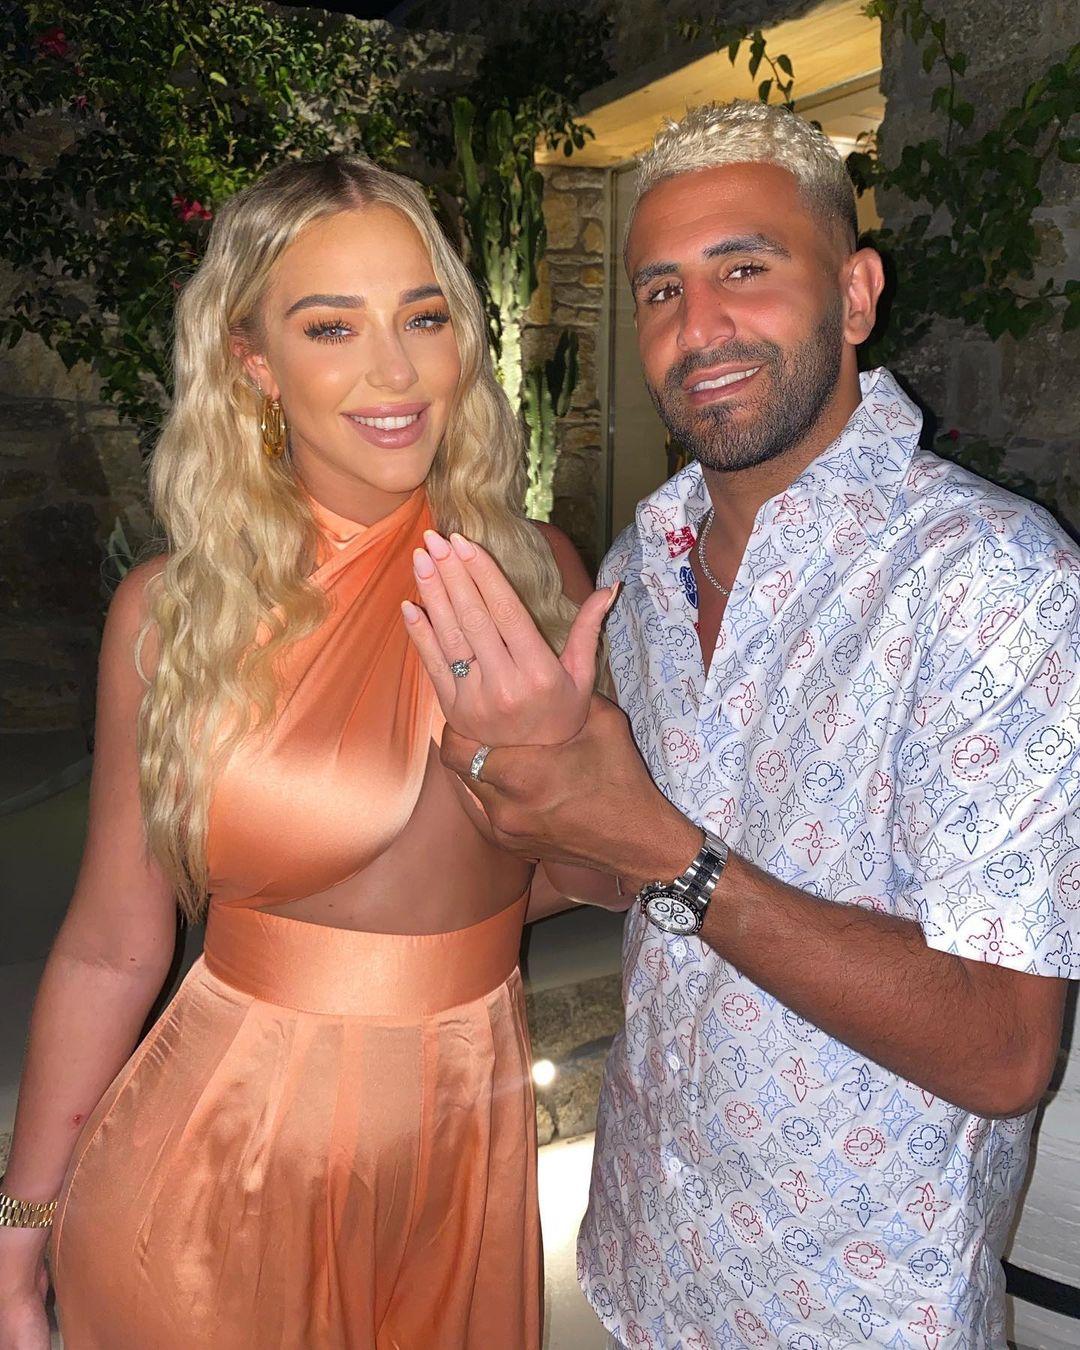 رياض محرز يخطب عارضة أزياء أمها مليونيرة